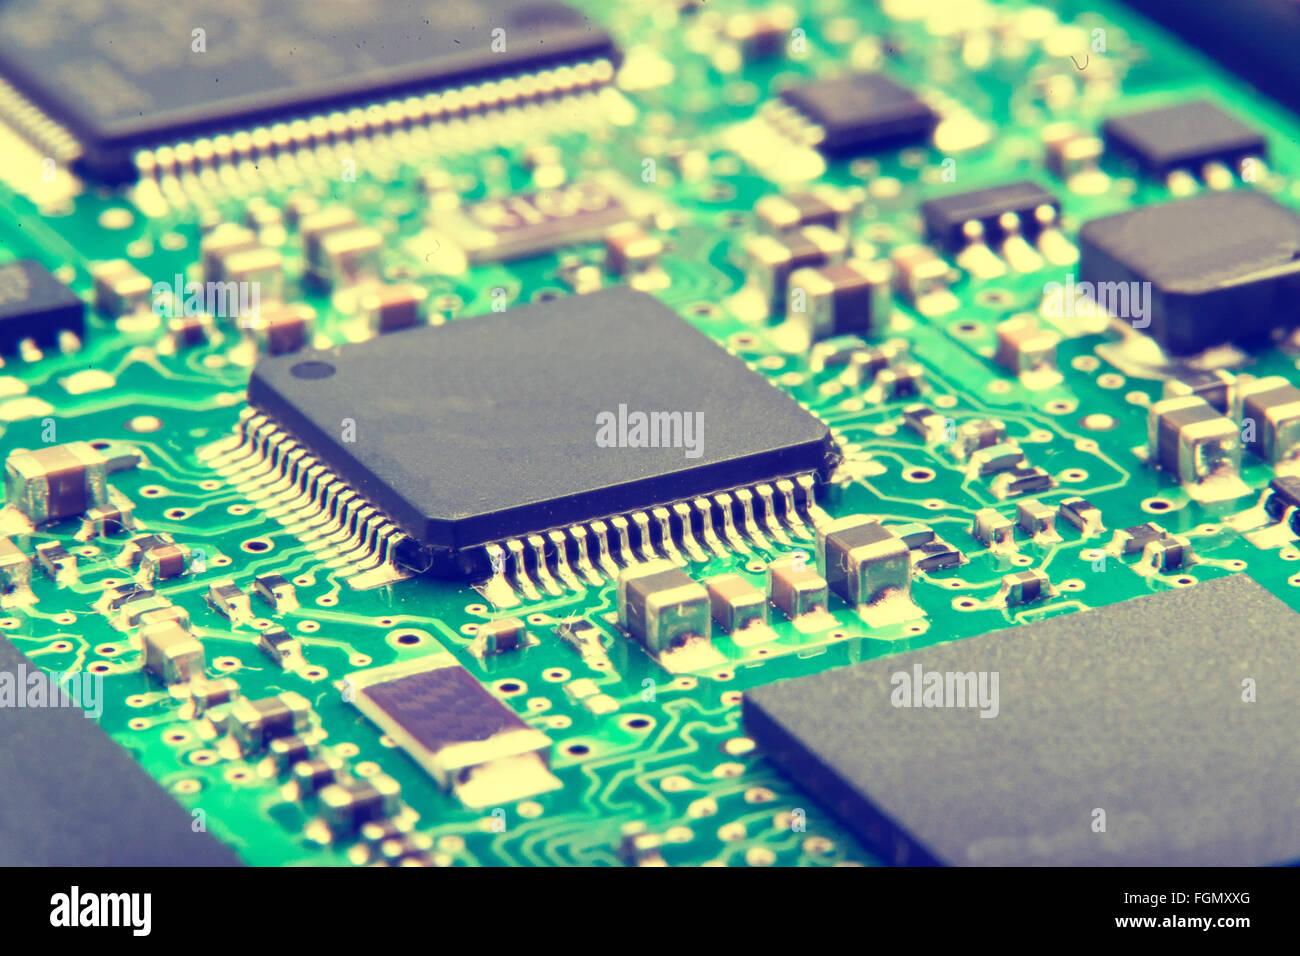 Elektronikplatine hautnah. Grünes PCB Stockbild